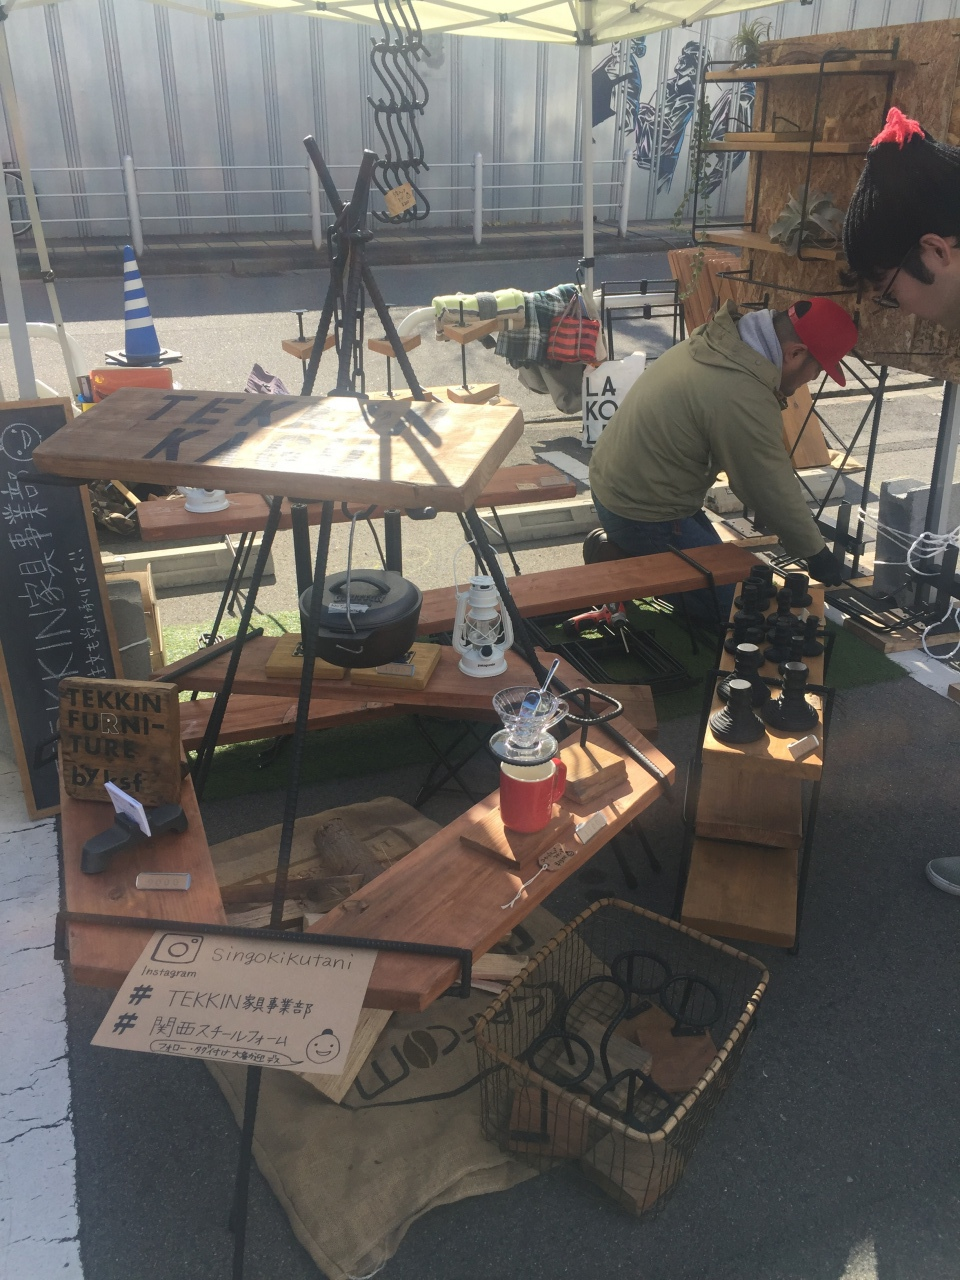 神戸市初!  神戸ワイナリー(農業公園)にて「ロハスピクニック」開催決定!